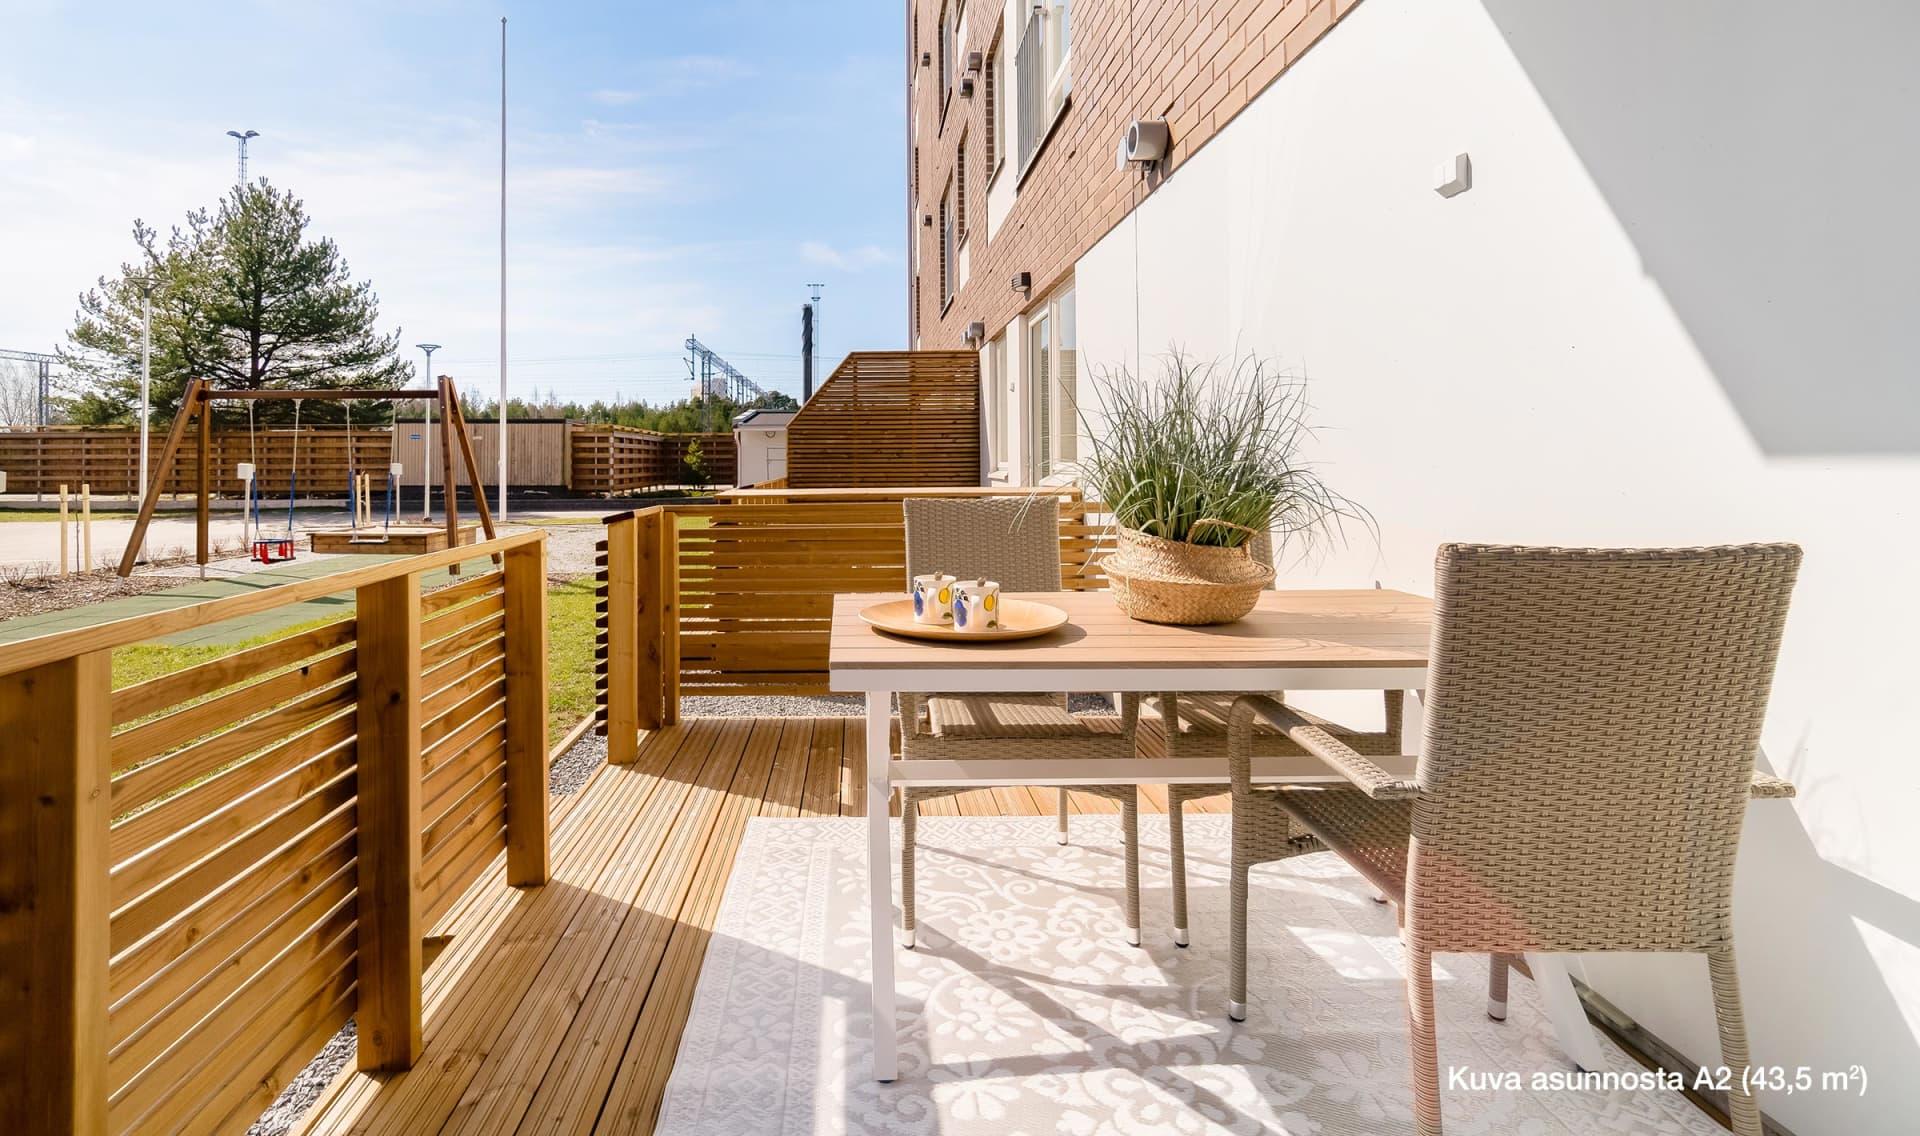 Myytävät asunnot Pori, Riihiketo - Asunto Oy Porin Veturimies